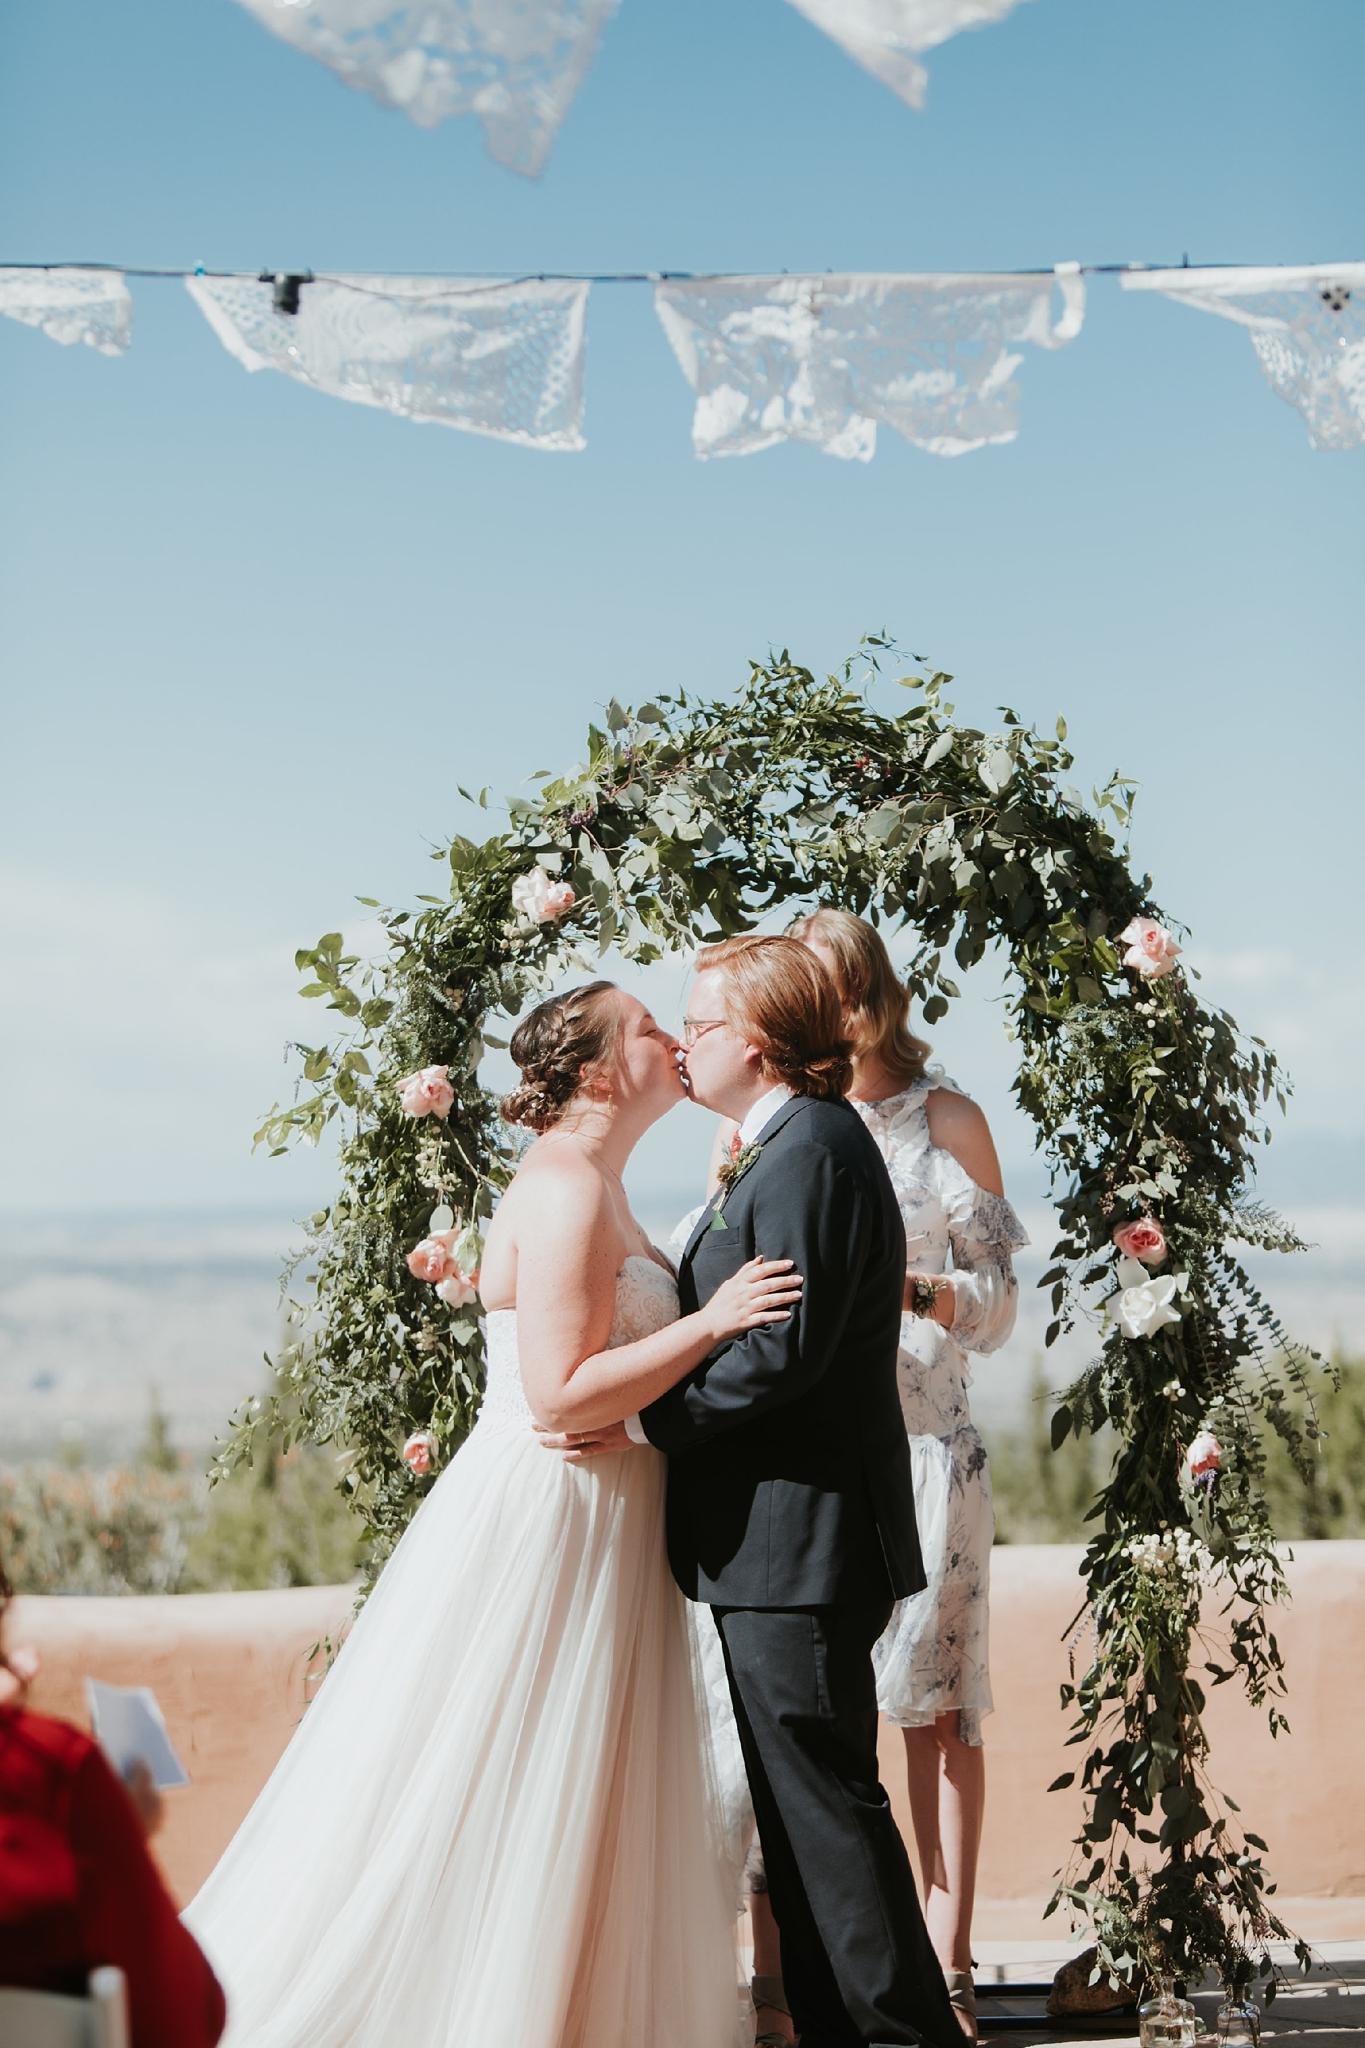 Alicia+lucia+photography+-+albuquerque+wedding+photographer+-+santa+fe+wedding+photography+-+new+mexico+wedding+photographer+-+new+mexico+wedding+-+wedding+venues+-+new+mexico+wedding+venues+-+colorado+wedding+venues_0129.jpg